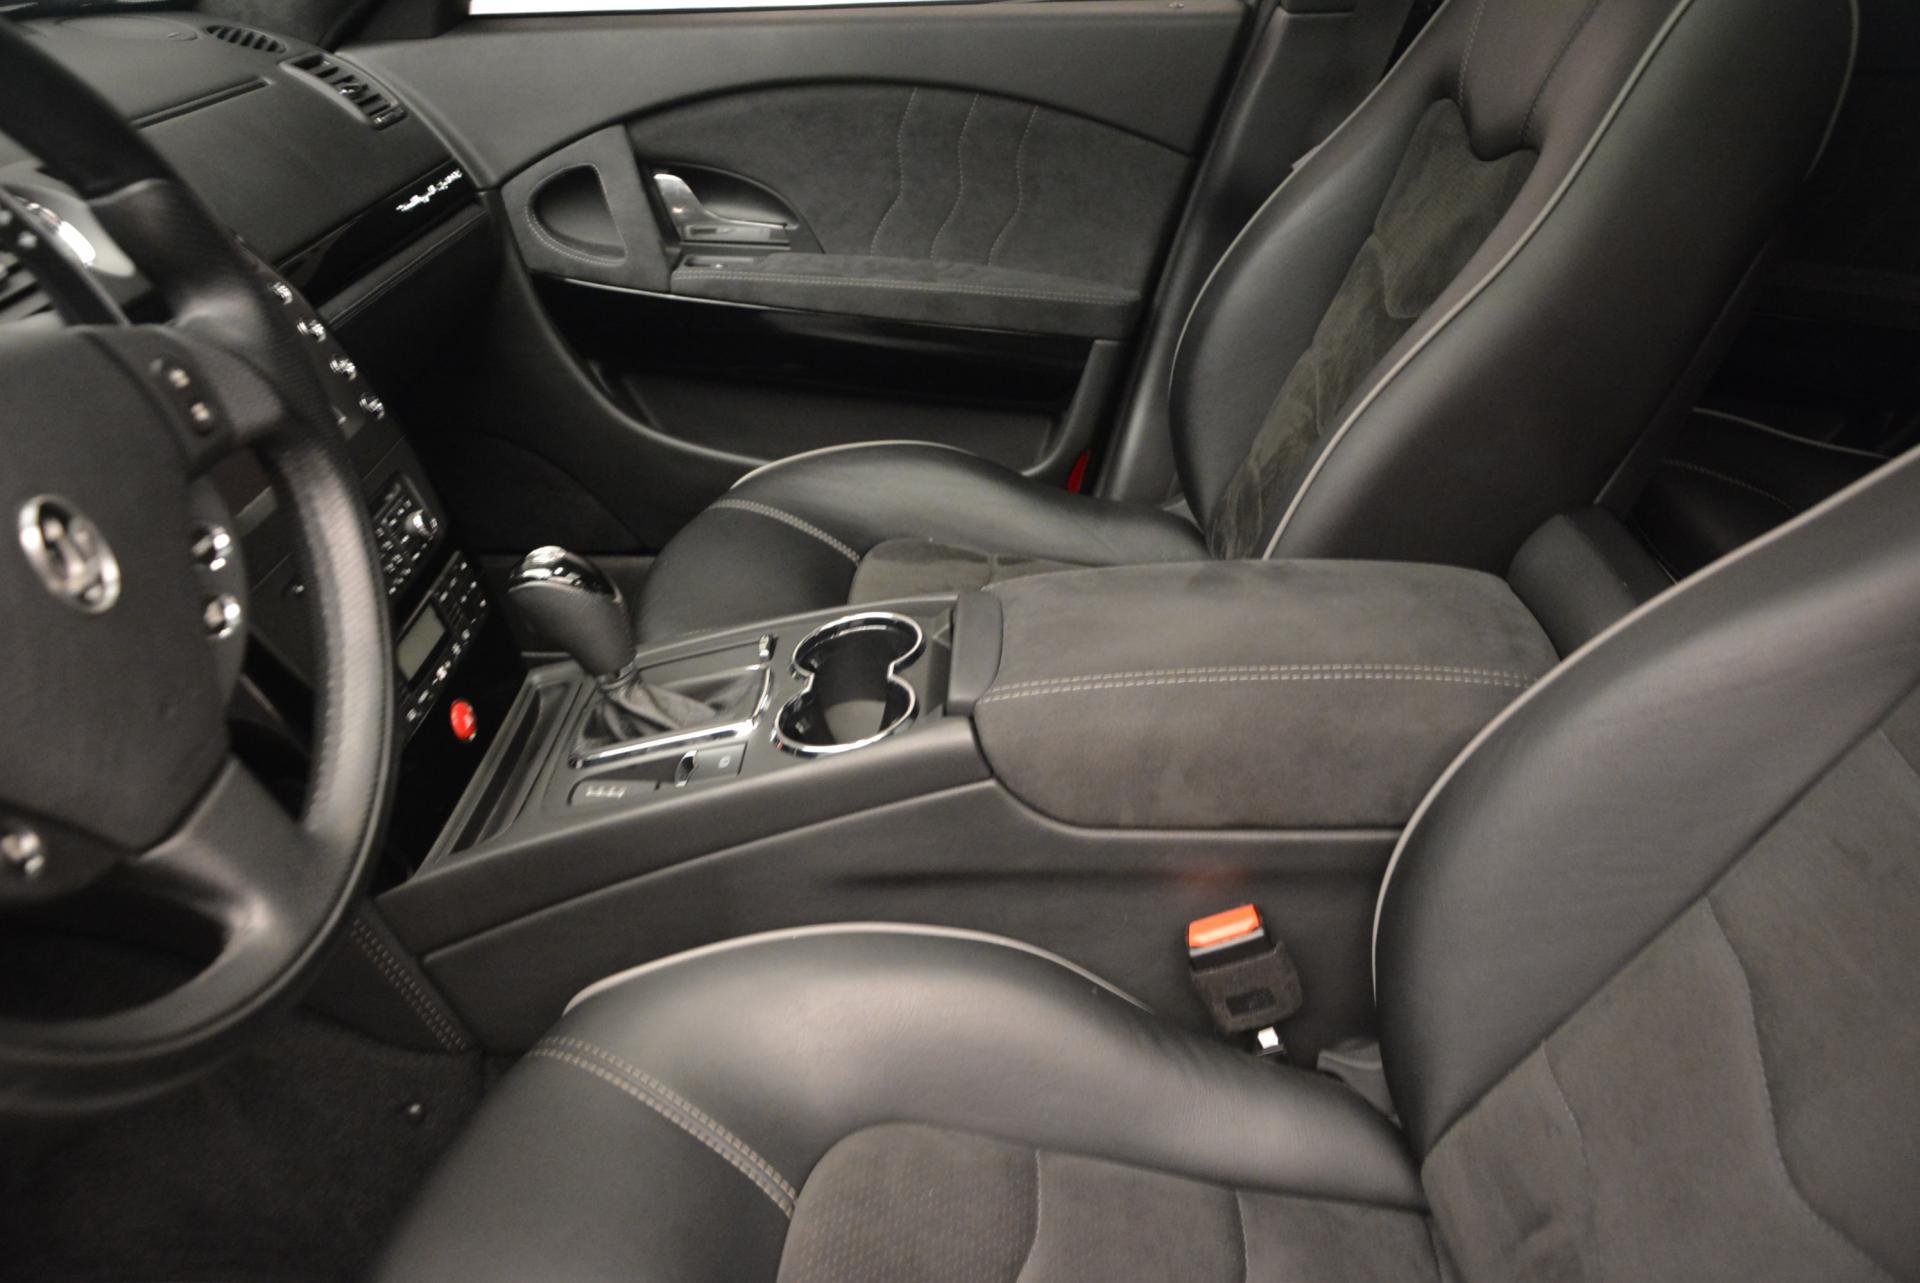 Used 2011 Maserati Quattroporte Sport GT S For Sale In Greenwich, CT 531_p15